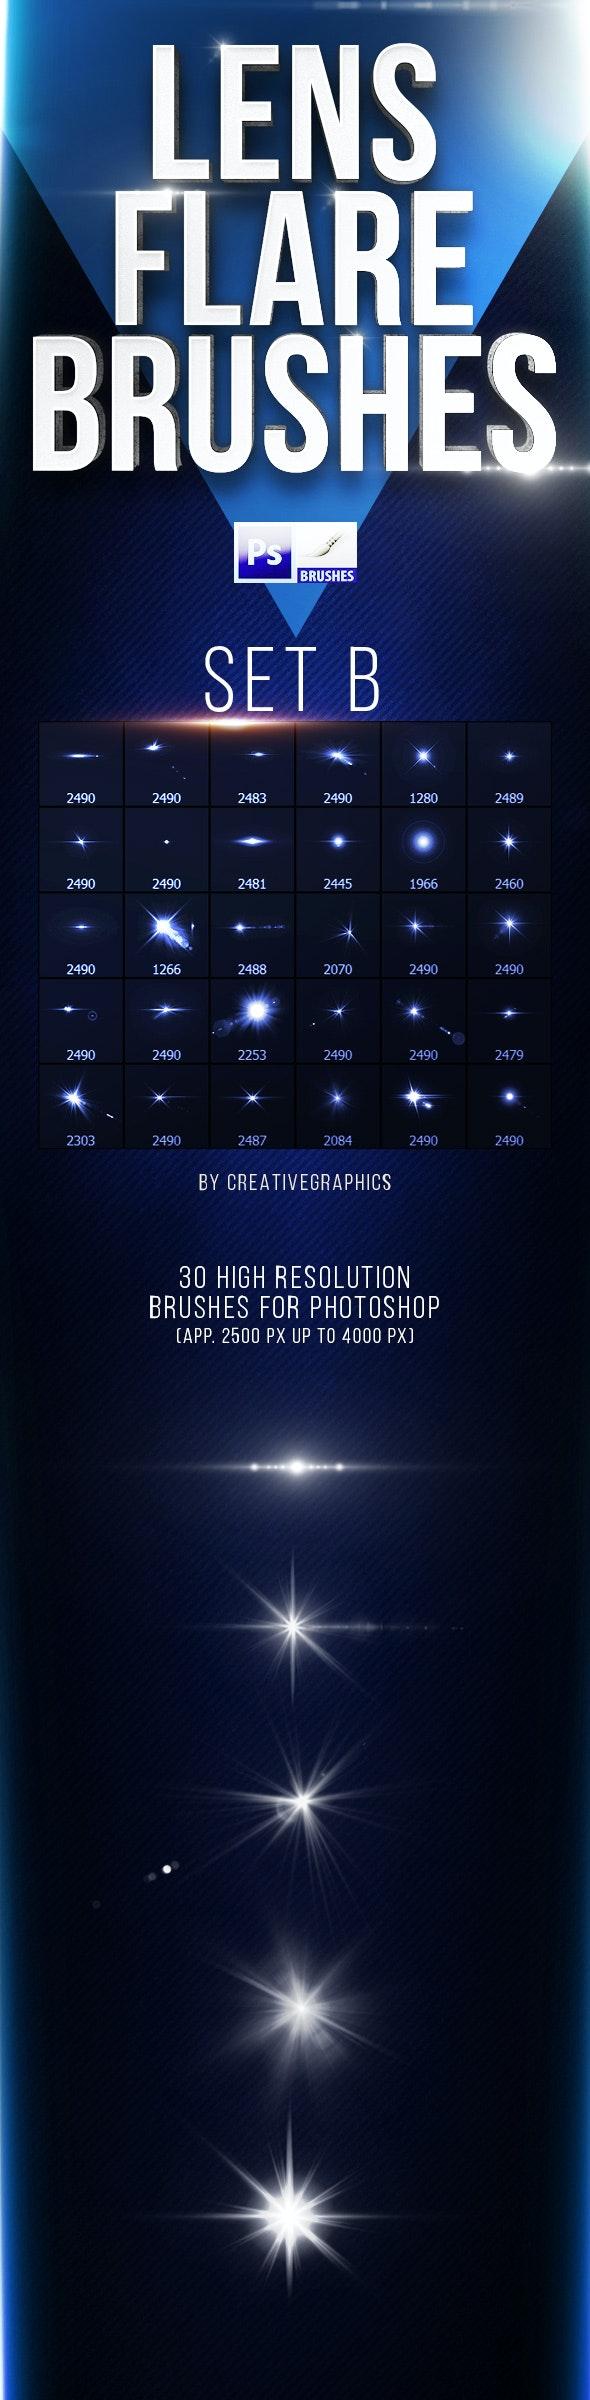 Photorealistic Lens Flares Photoshop Plu Main - Gonzagasports